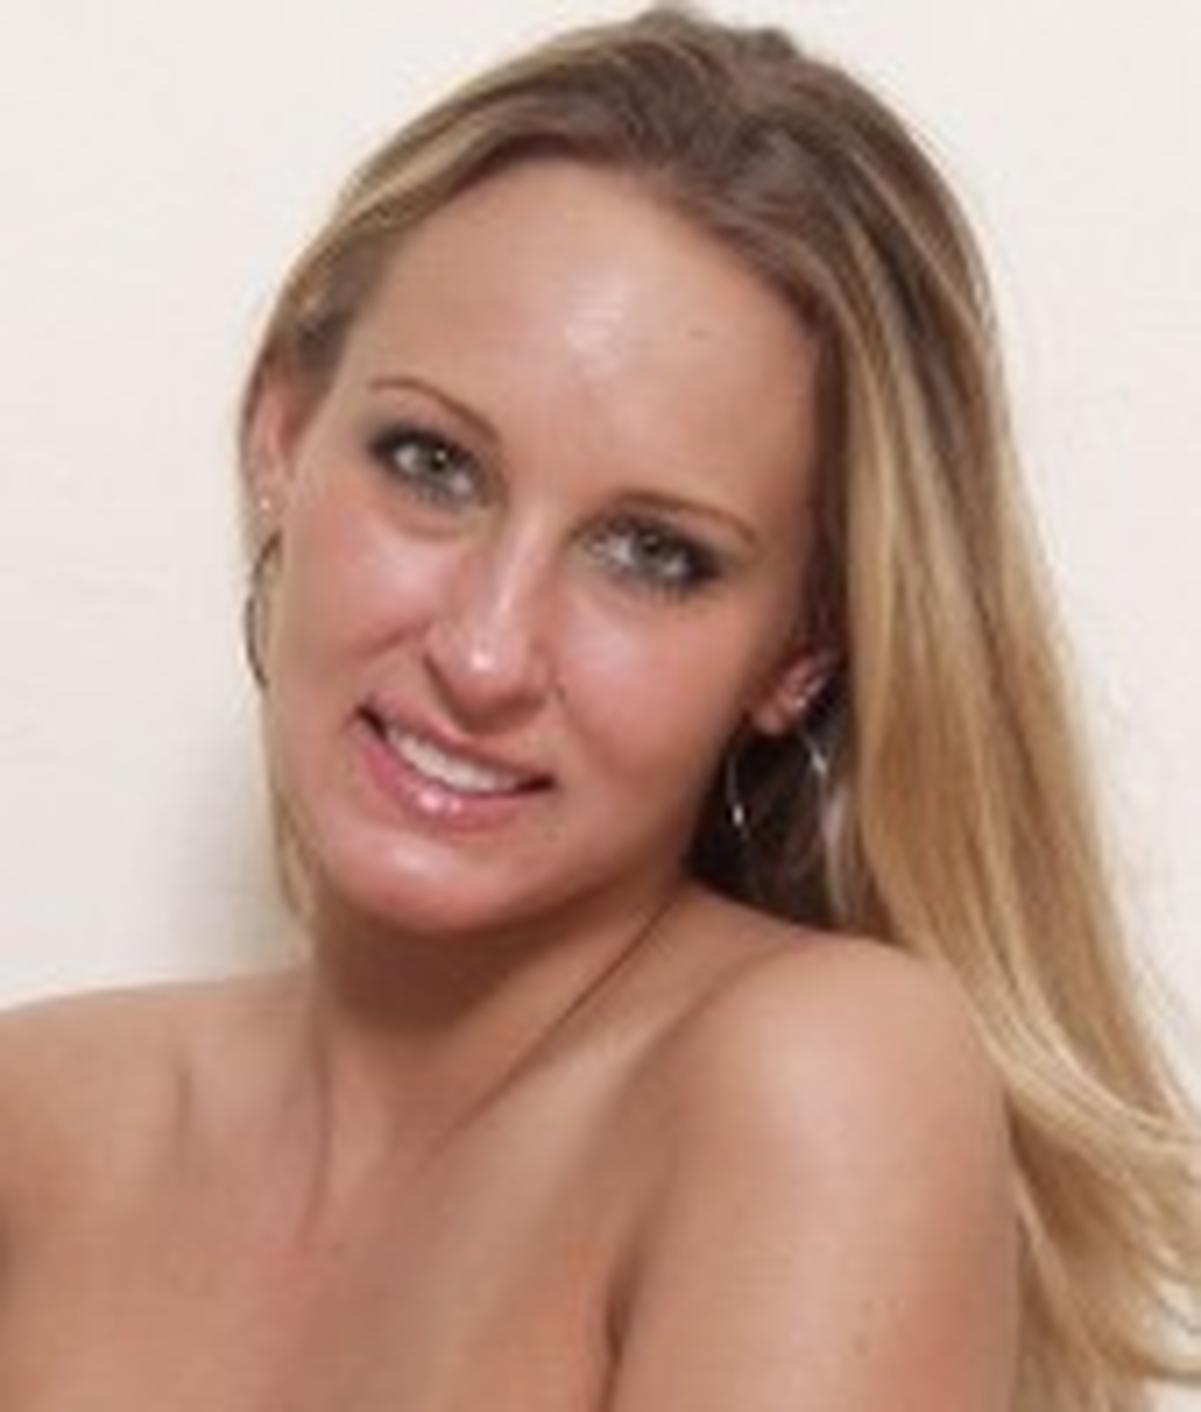 Lana Moore